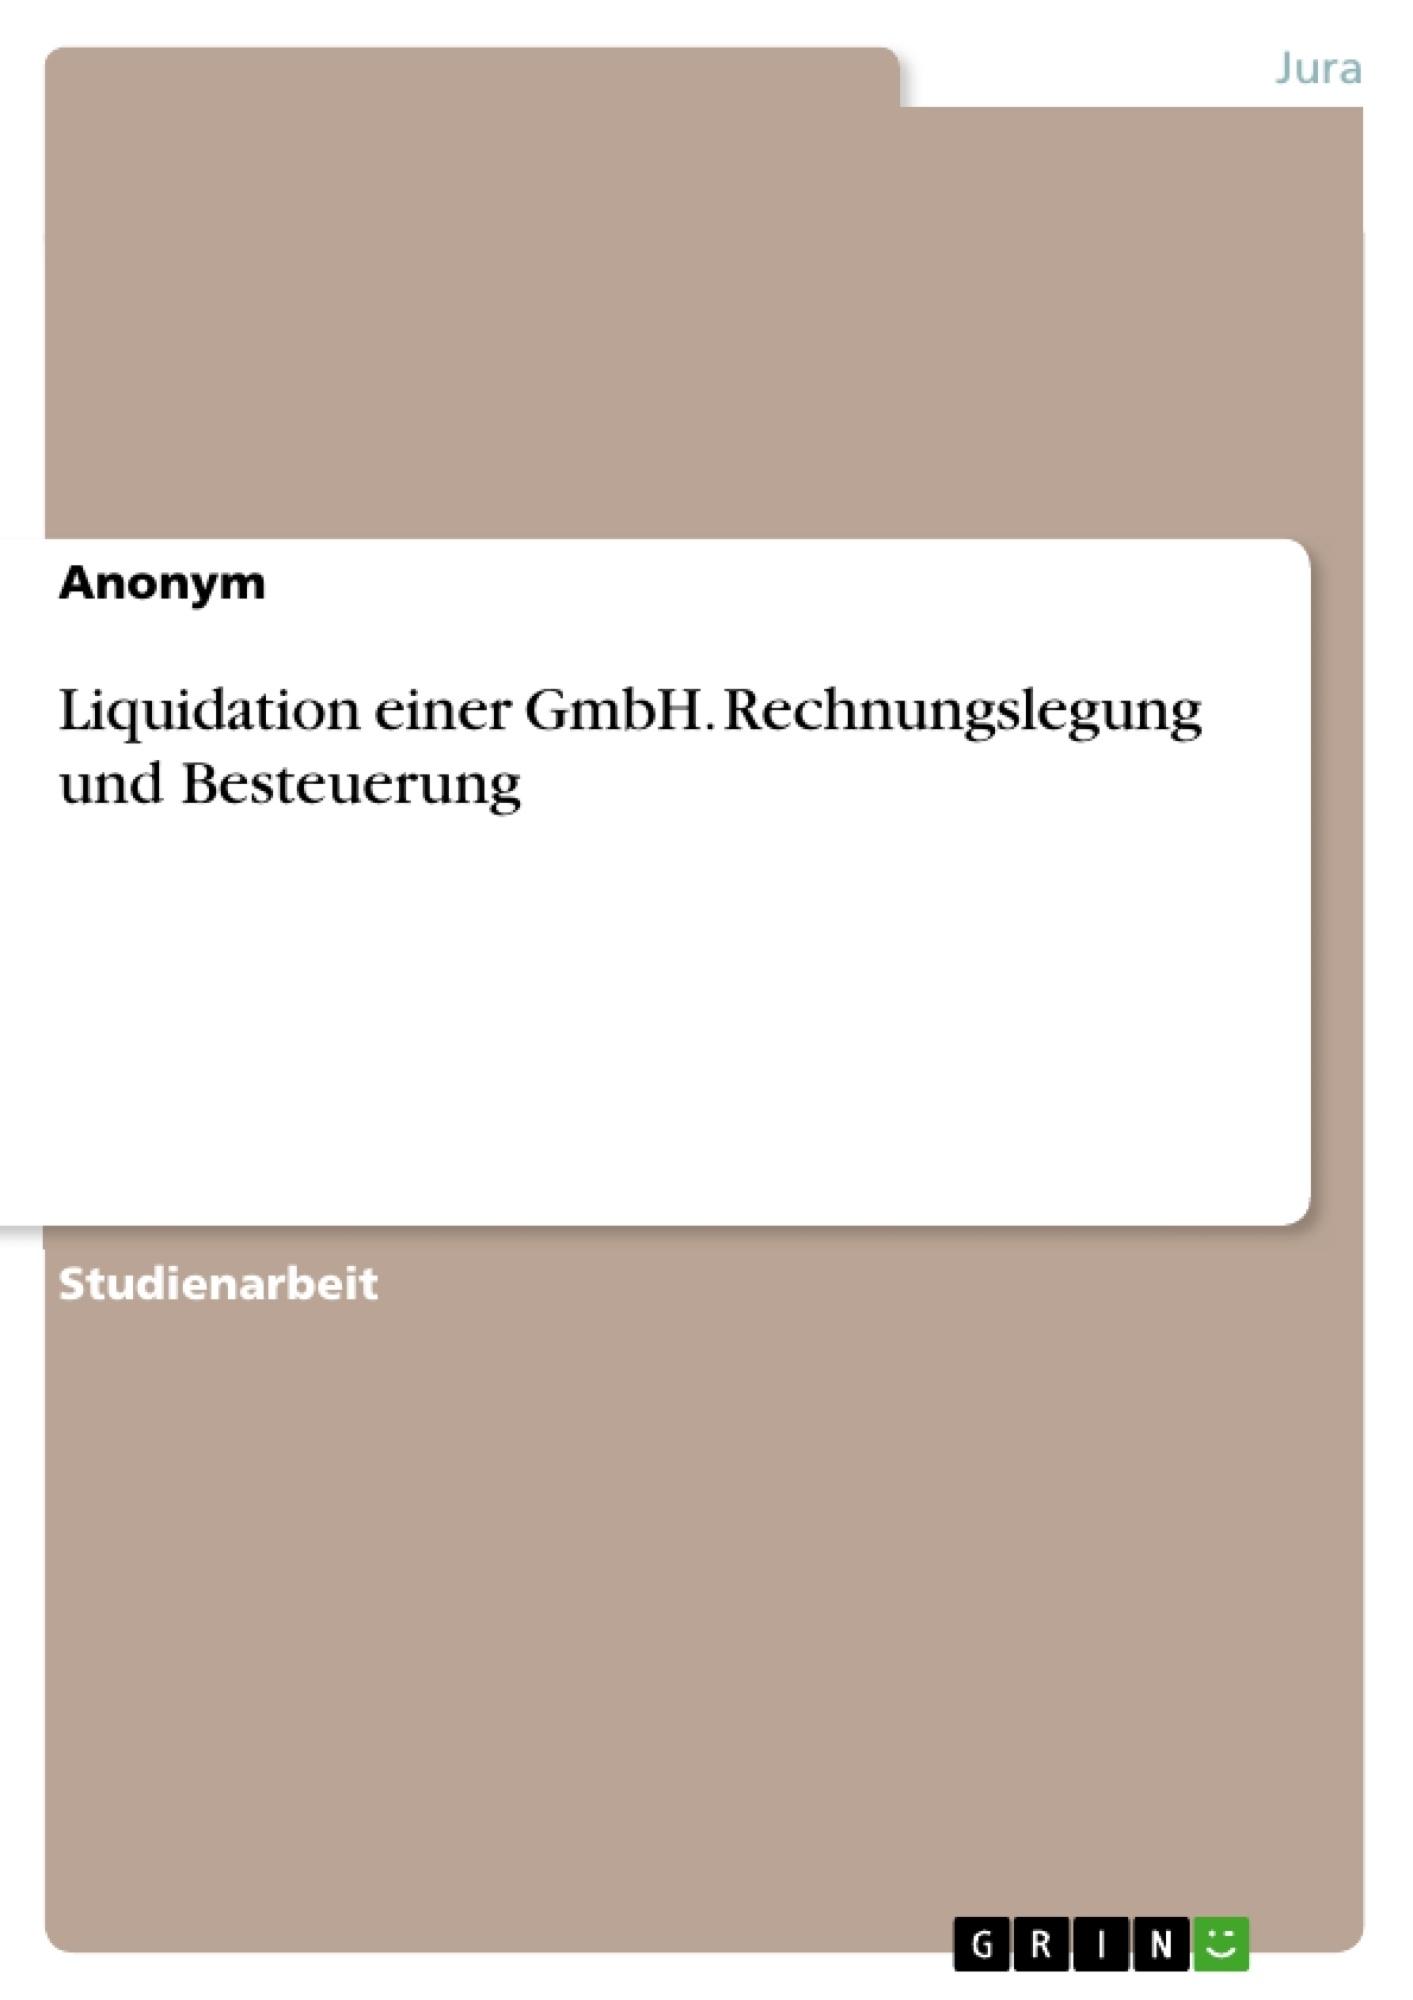 Titel: Liquidation einer GmbH. Rechnungslegung und Besteuerung